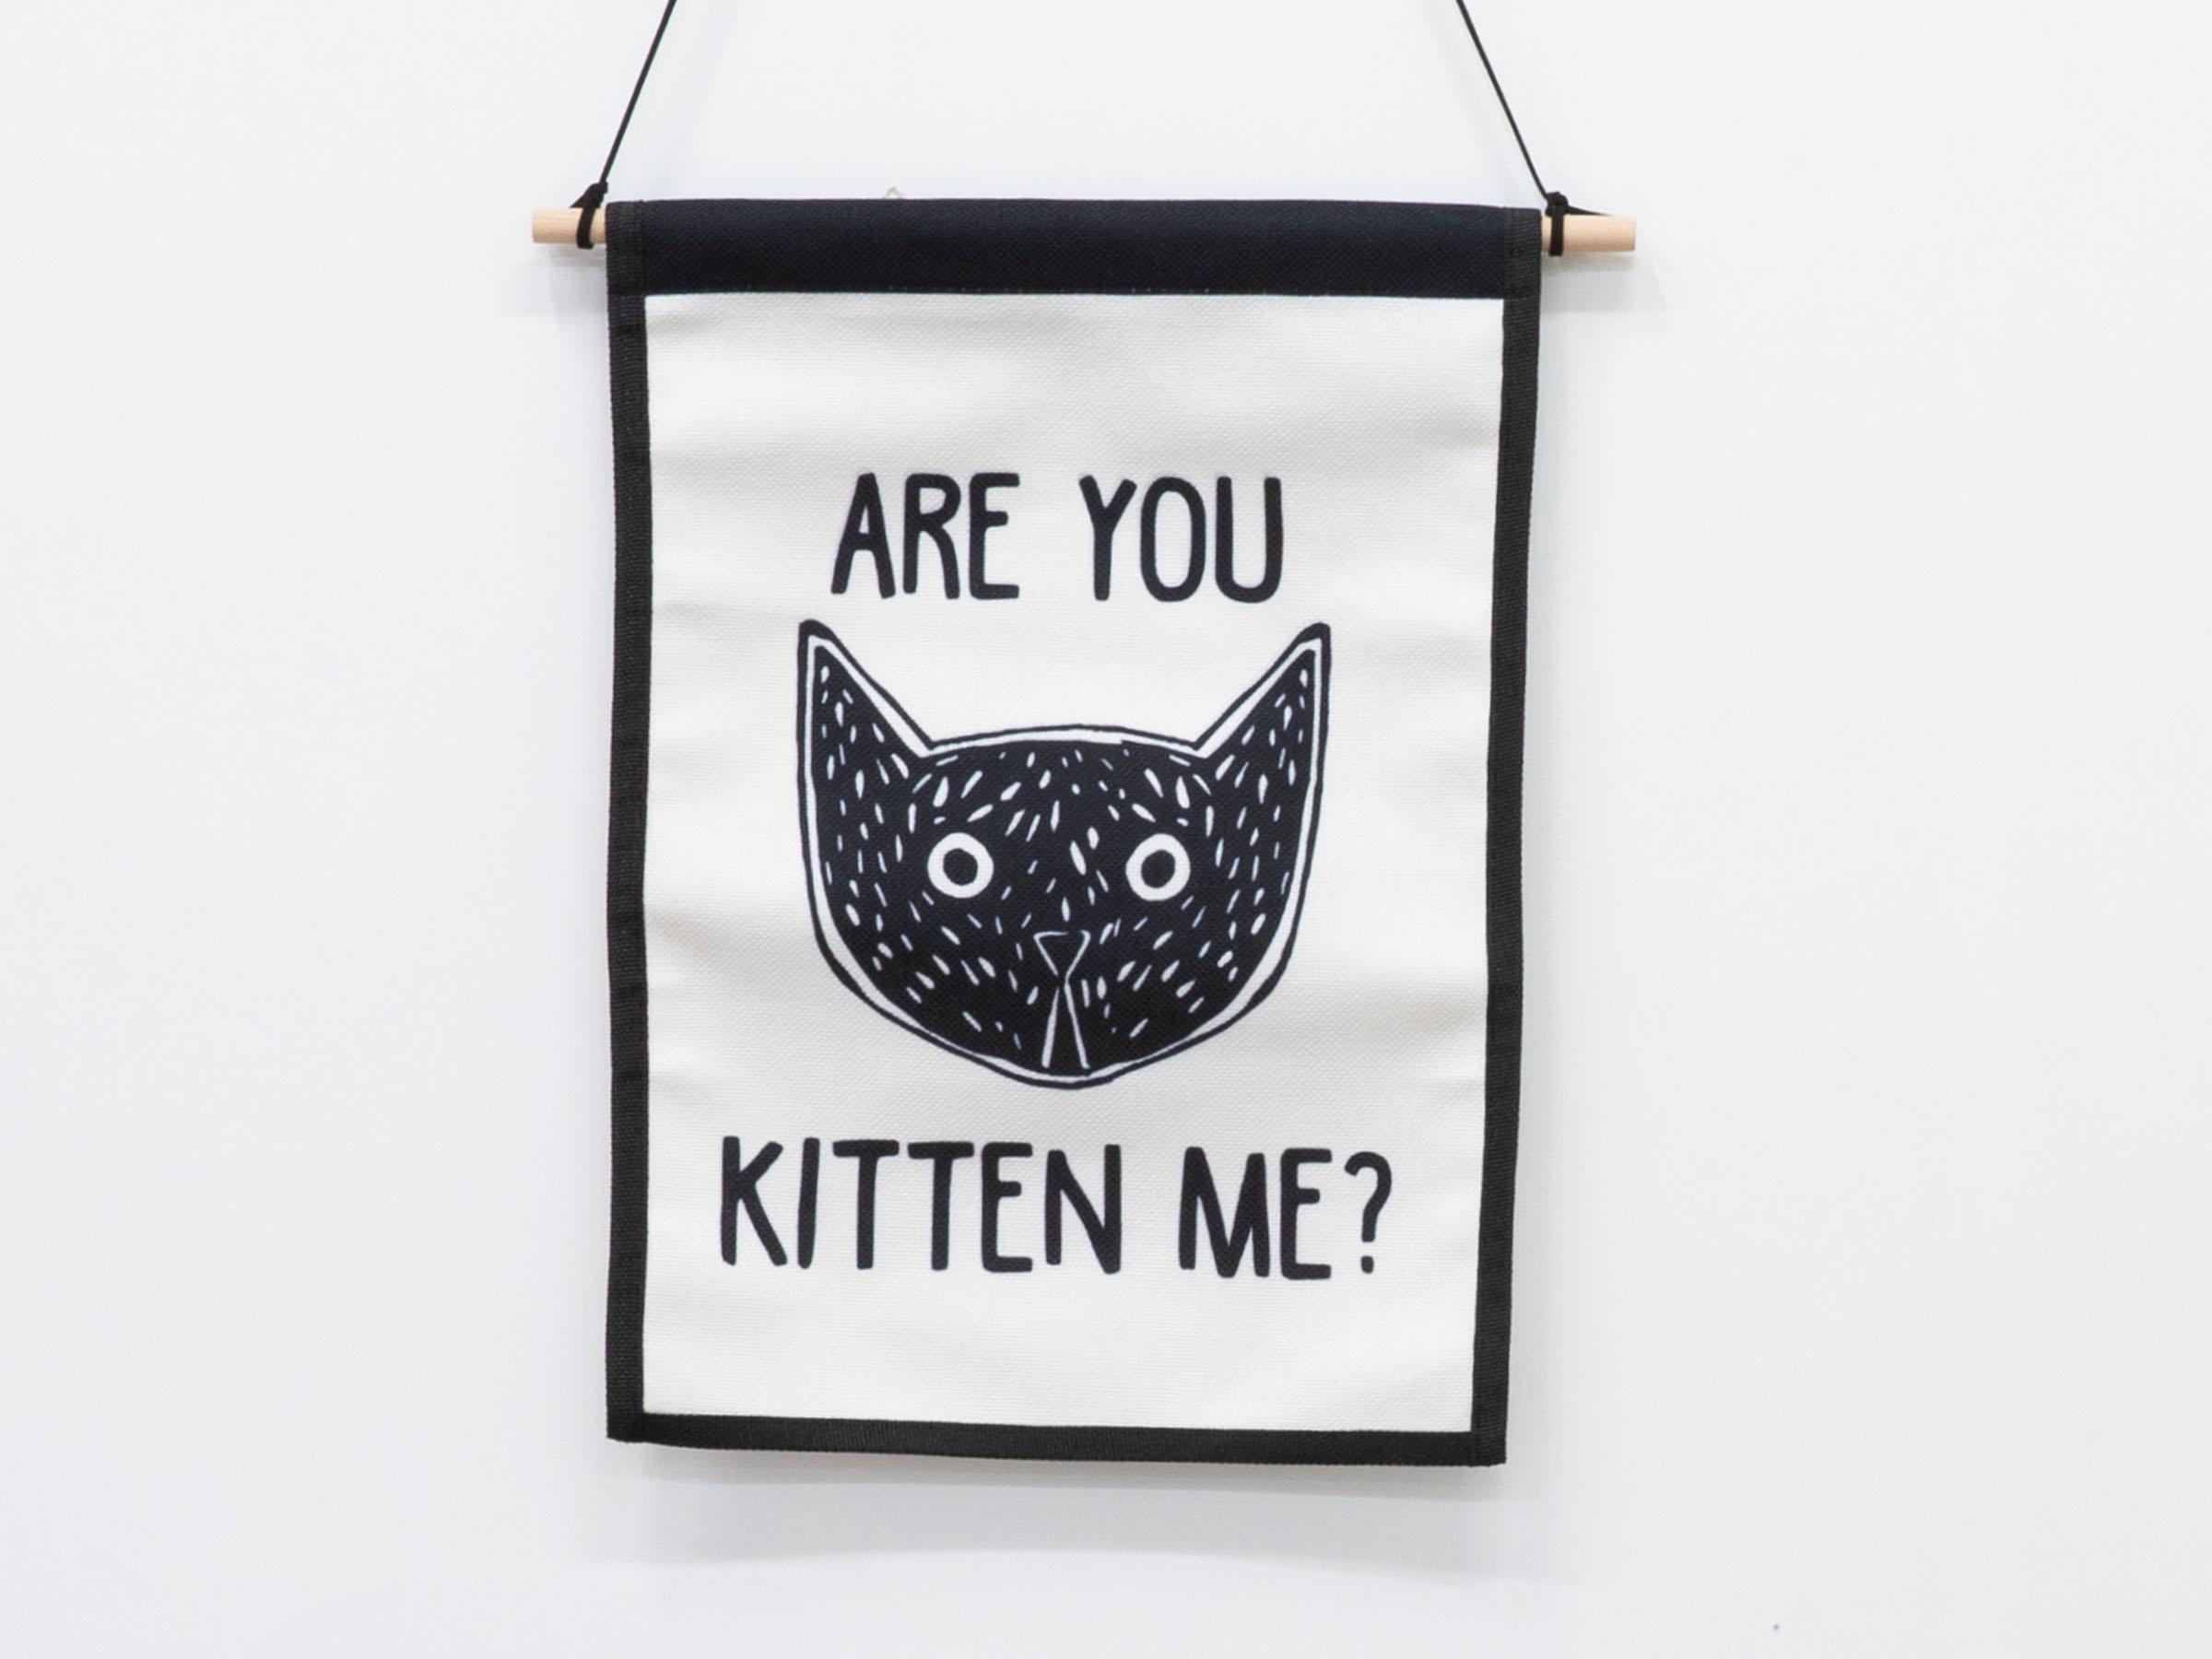 Small Wall Art Hanger - Kitten